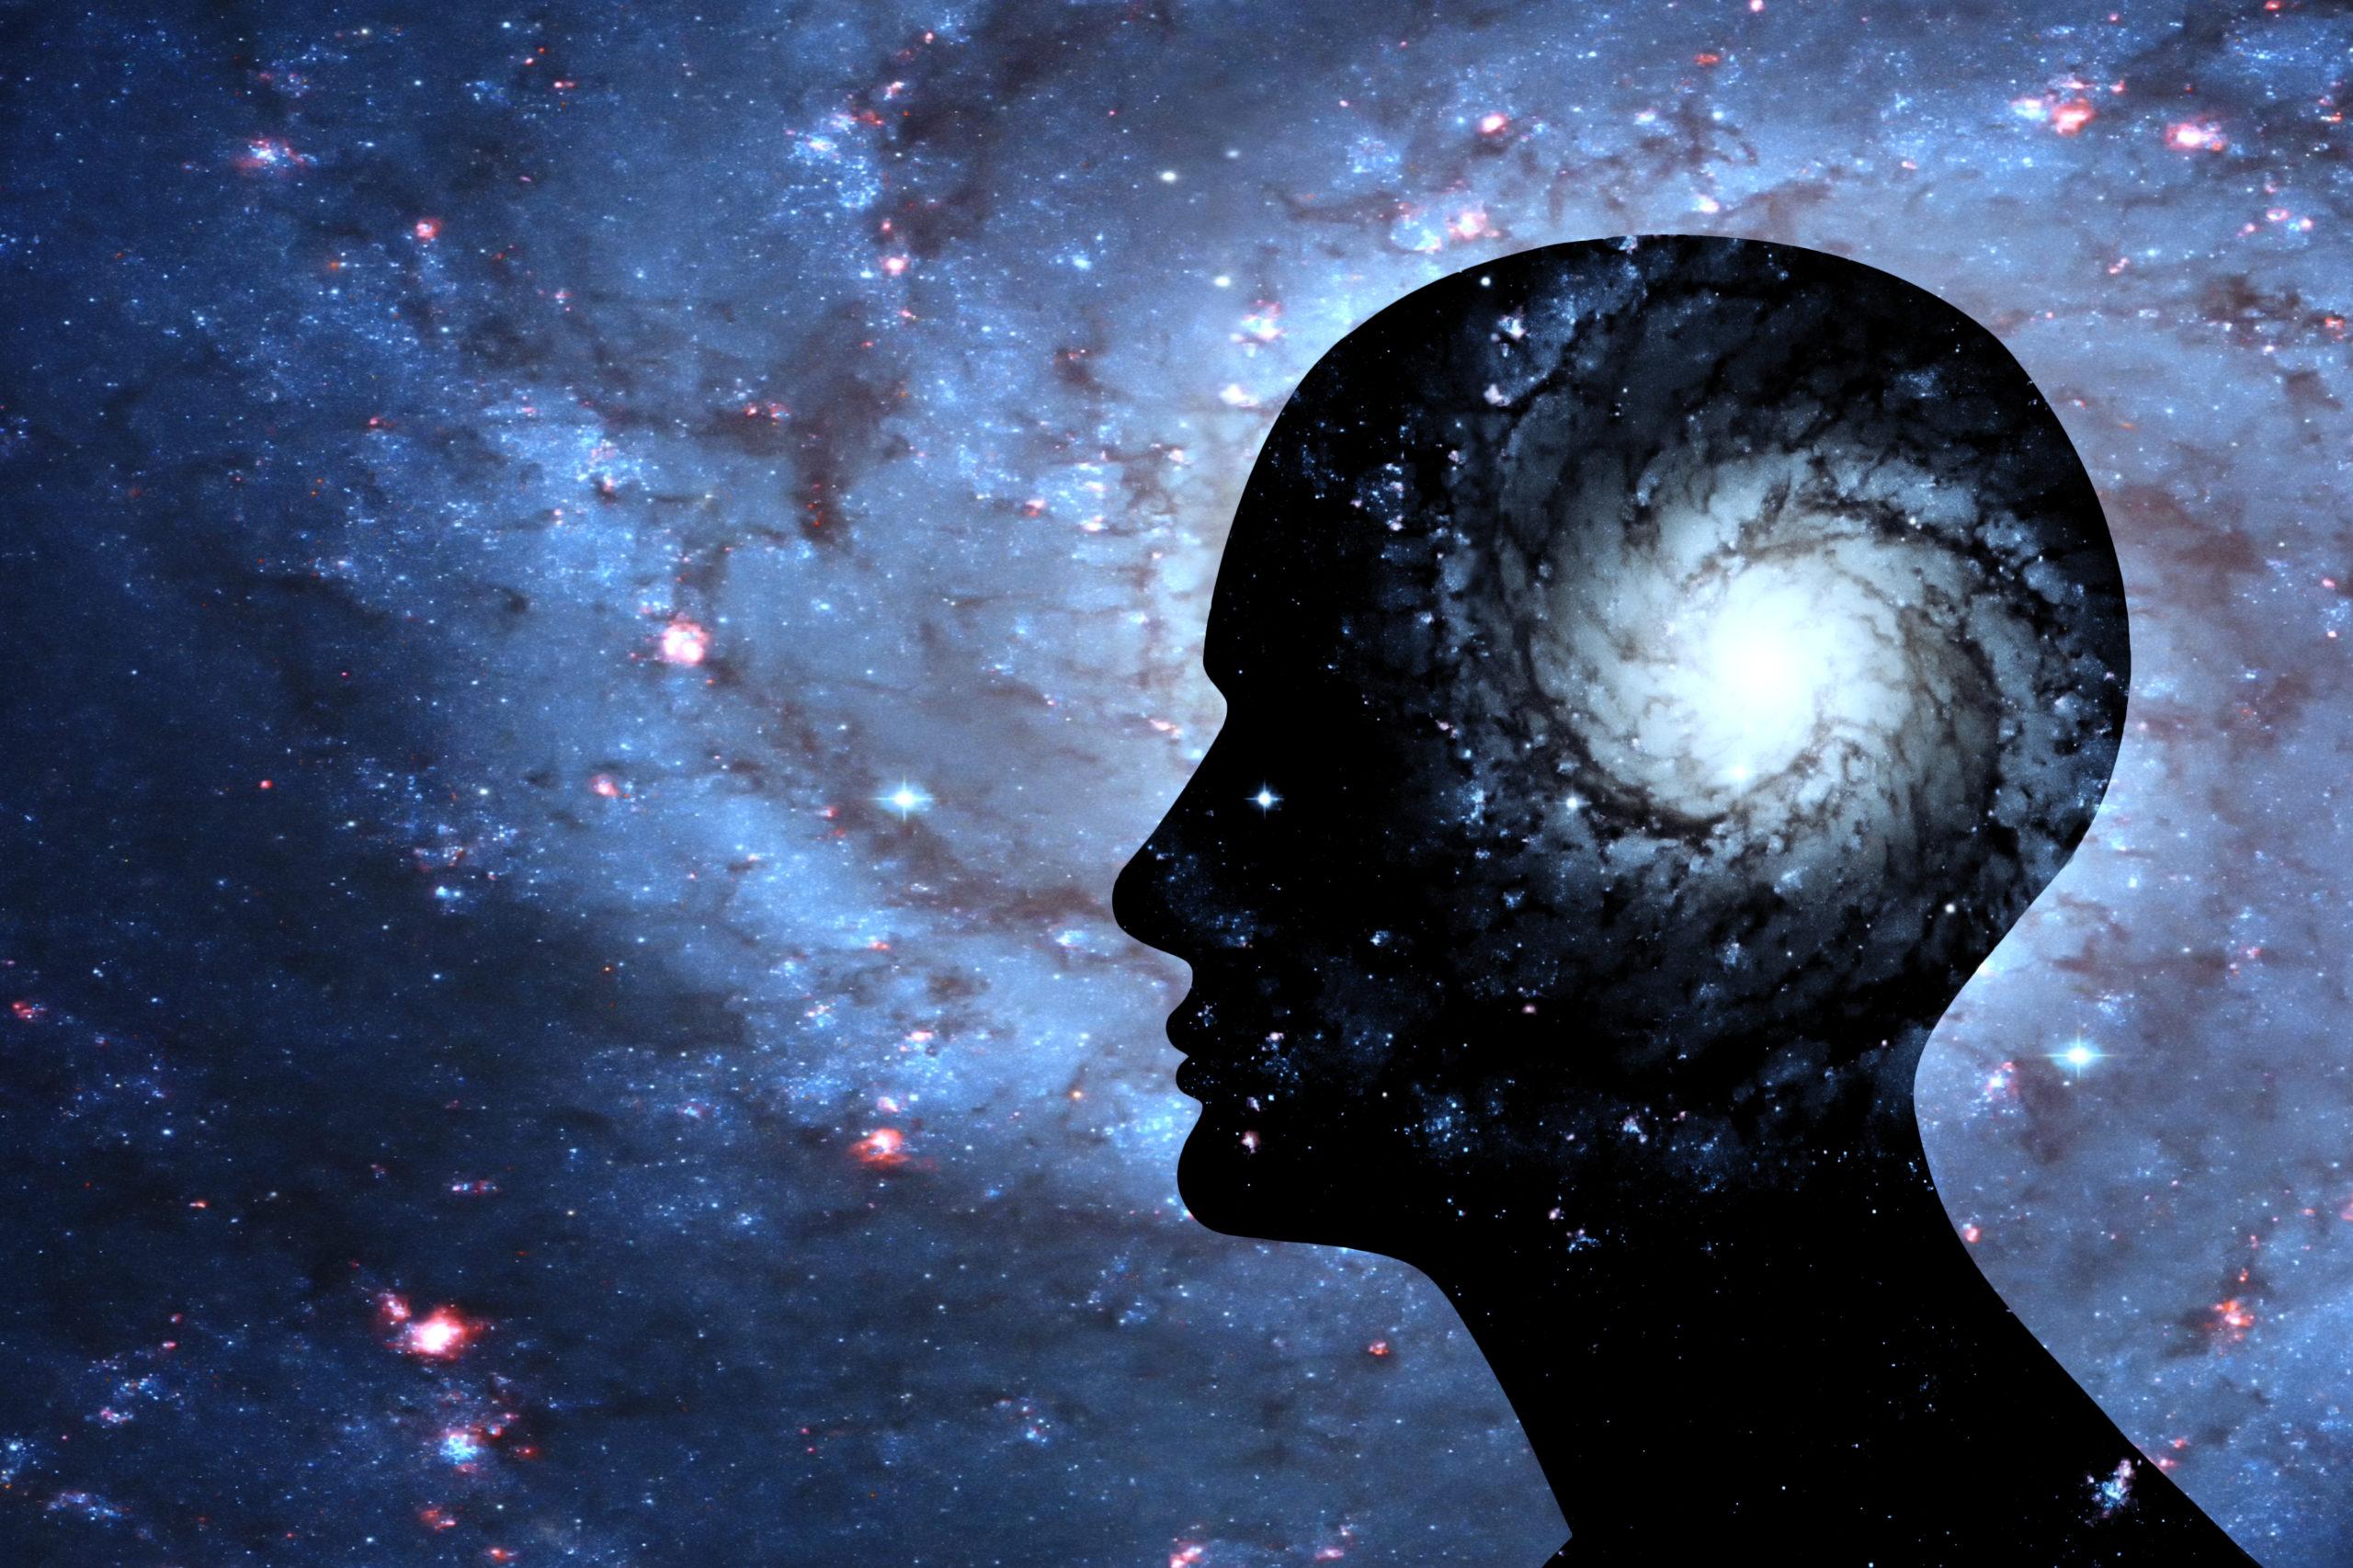 El sorprendente parecido del cerebro humano con el Universo